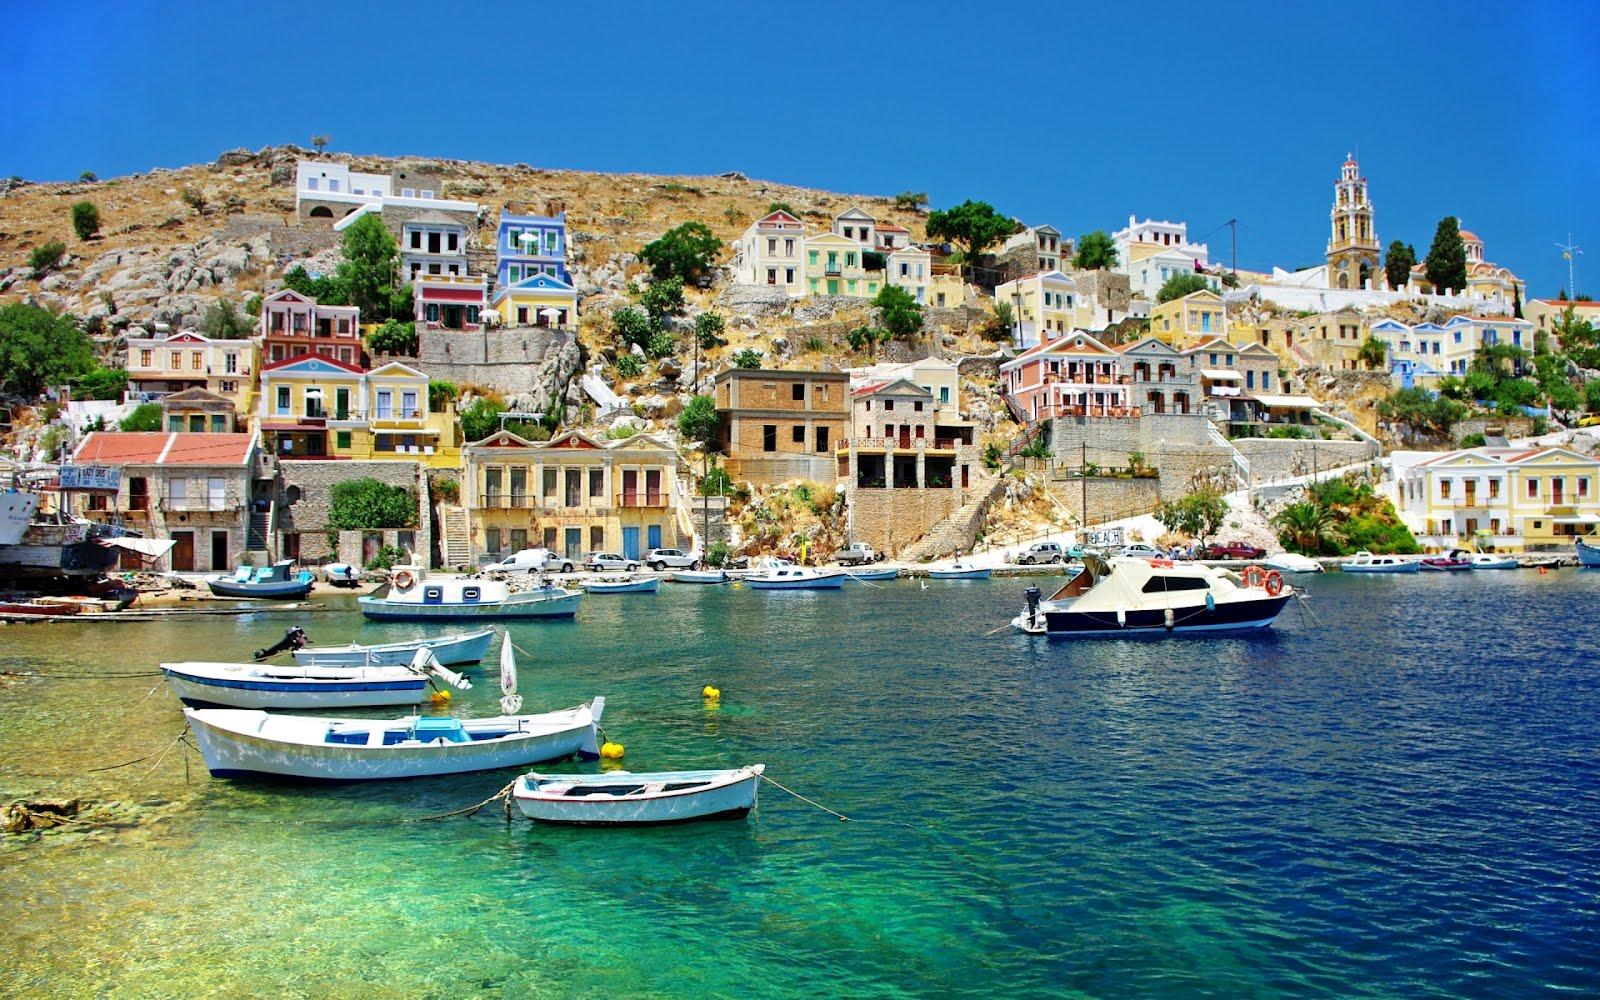 Imagem das águas cristalinas da Grécia